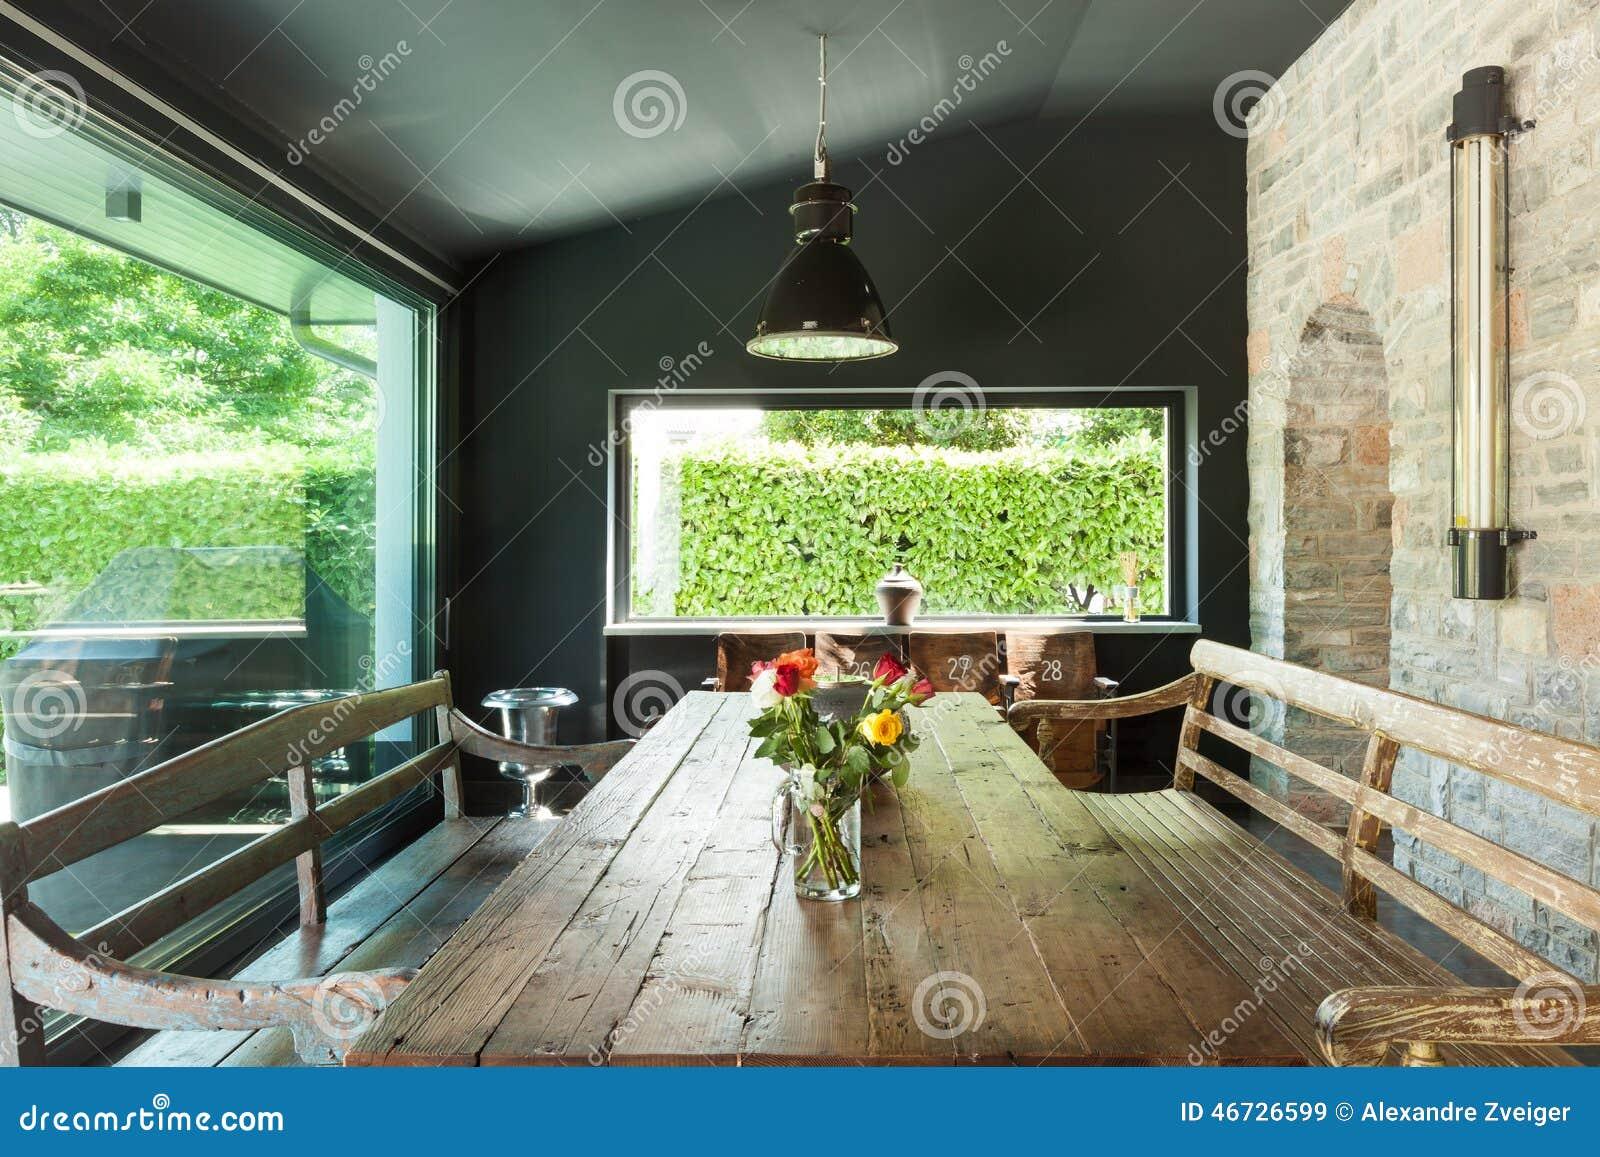 Sala Da Pranzo Rustica : Sala da pranzo mobilia rustica immagine stock immagine di